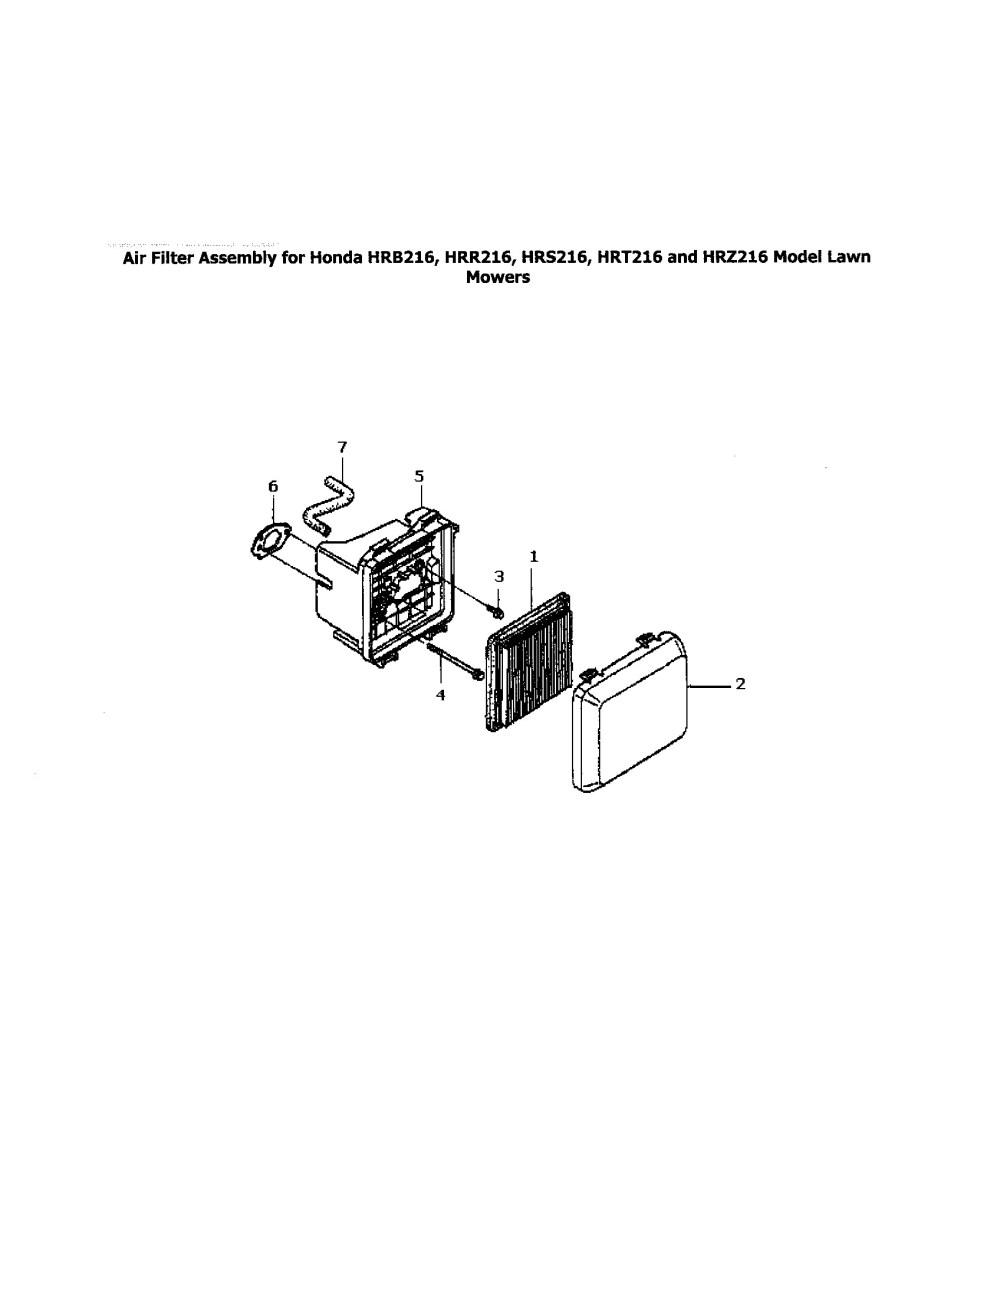 medium resolution of honda hrr216vka parts diagram honda hrr216vka parts diagram honda lawn mower parts of honda hrr216vka parts